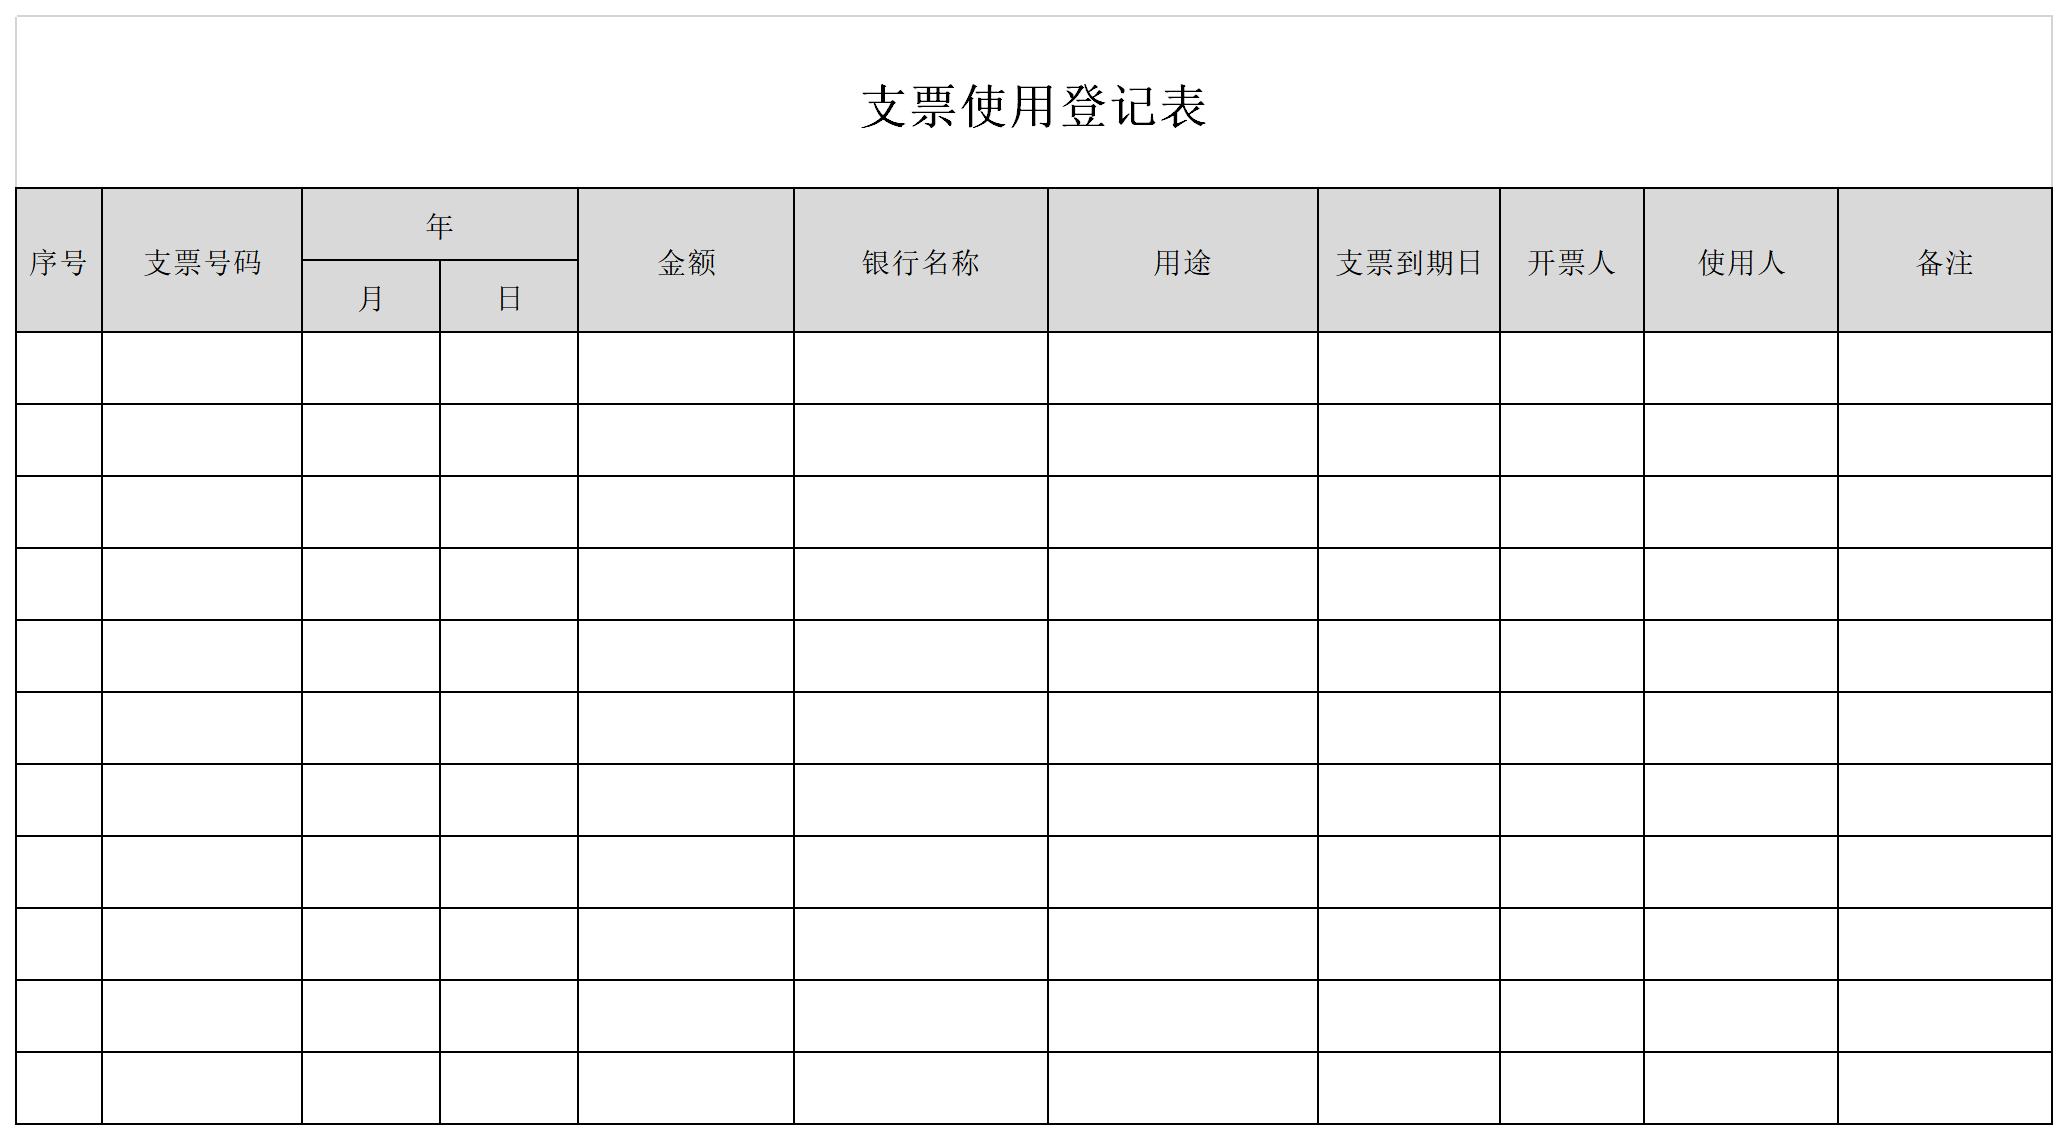 支票使用登记表截图